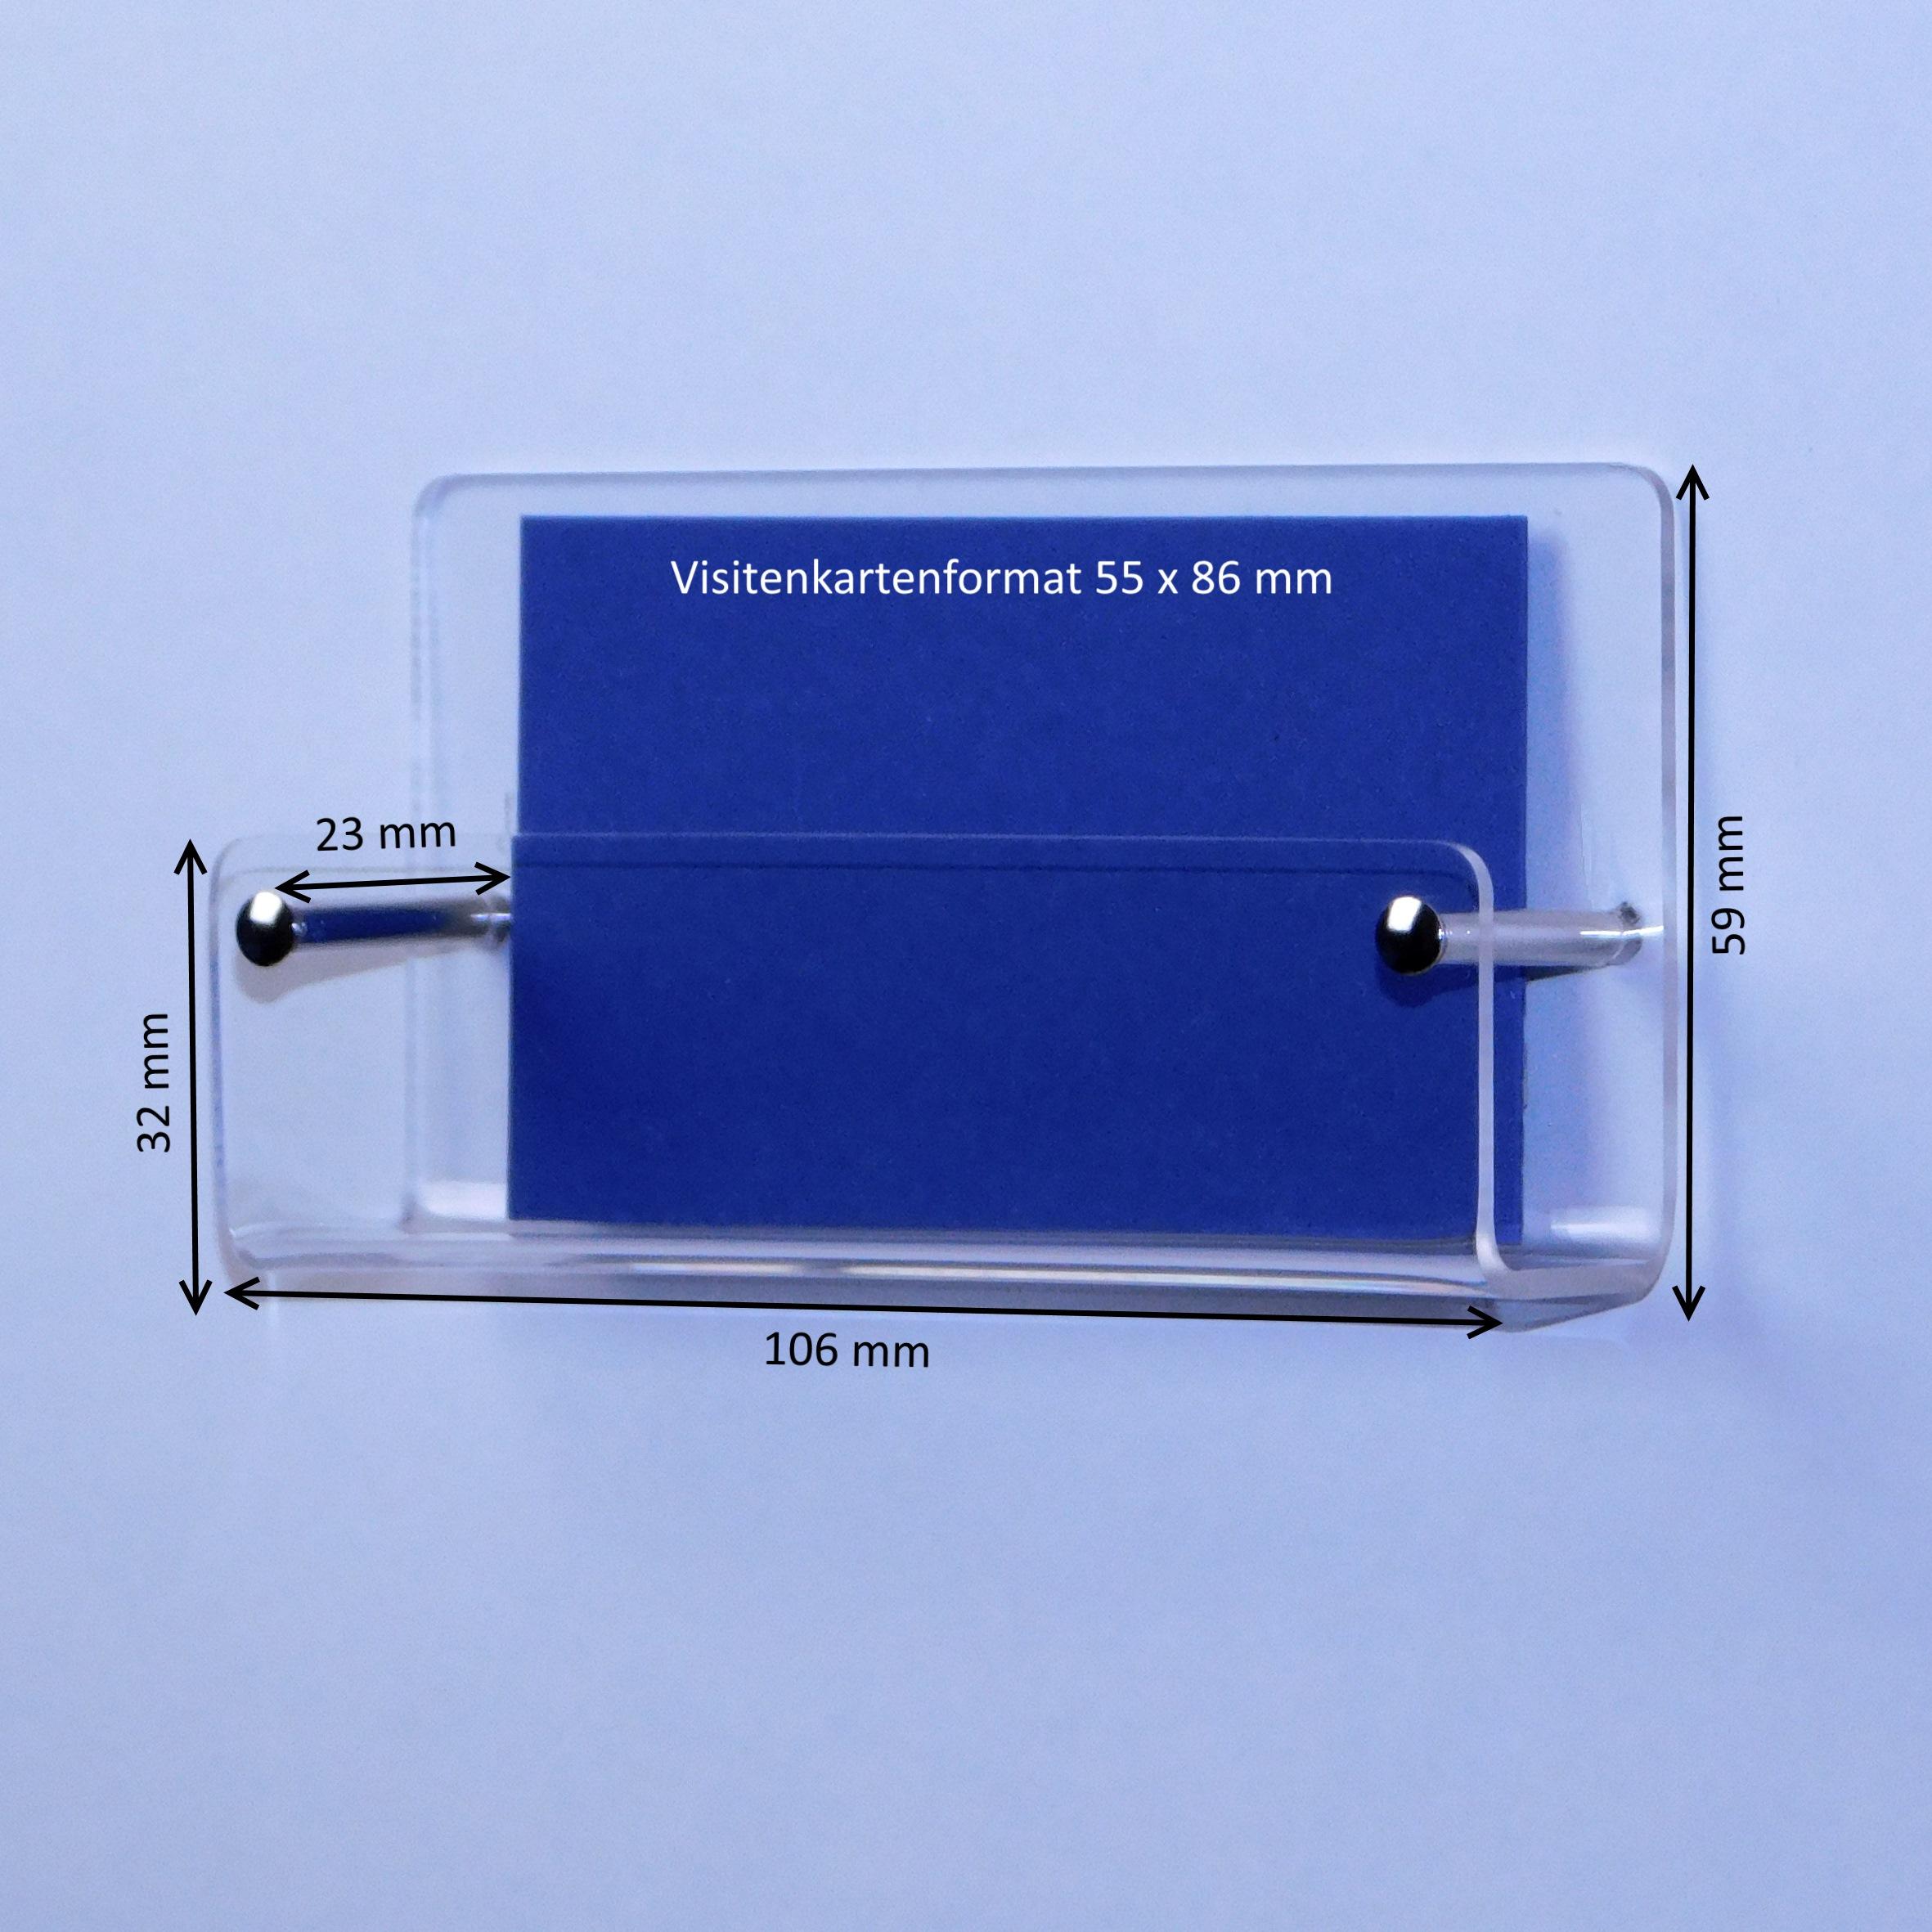 Wand Prospekthalter Für Visitenkarten Im Querformat Fülltiefe 23mm